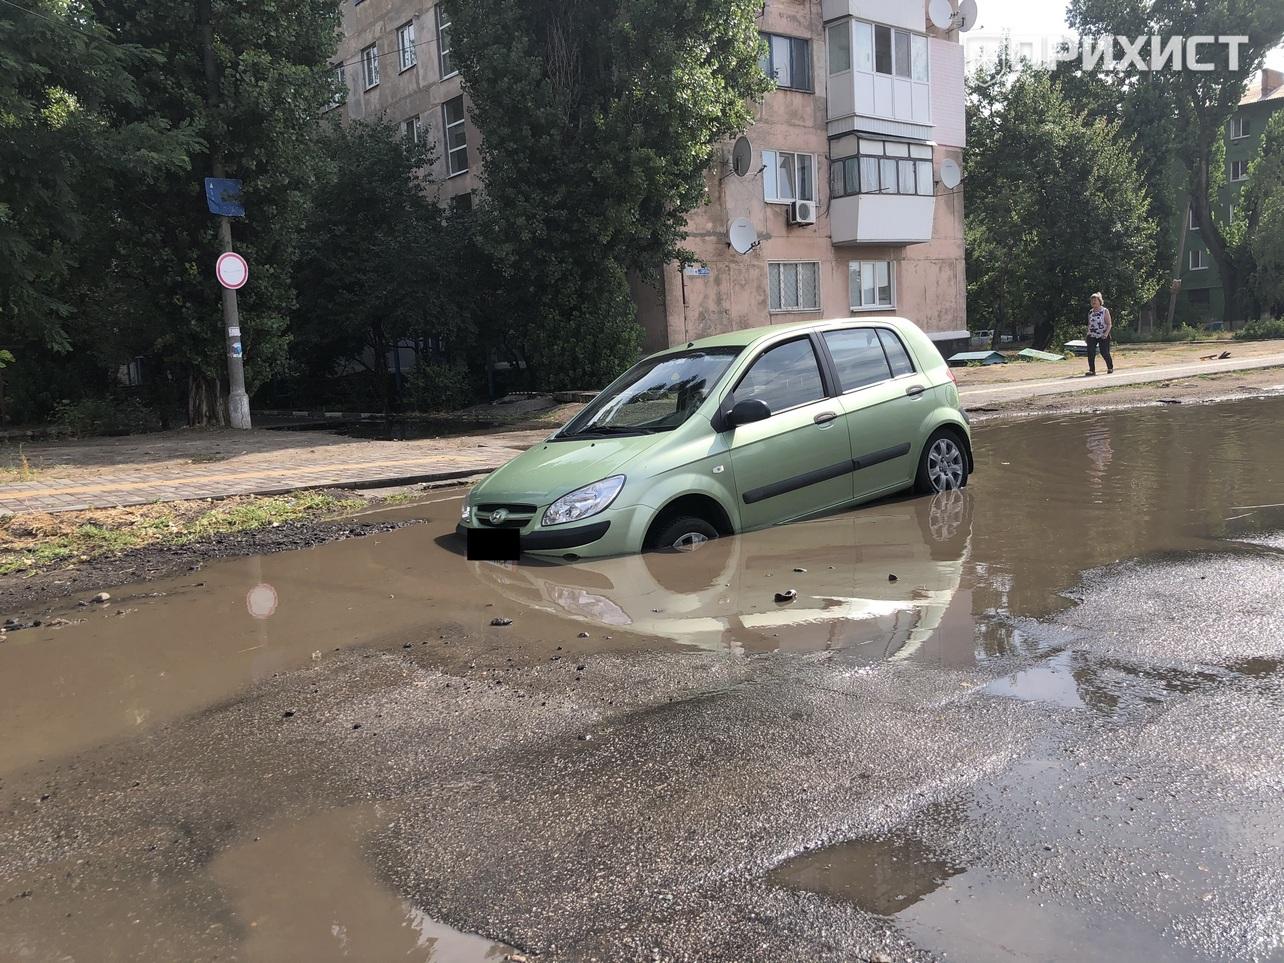 Автомобиль провалился в яму на улице Светлой | Прихист